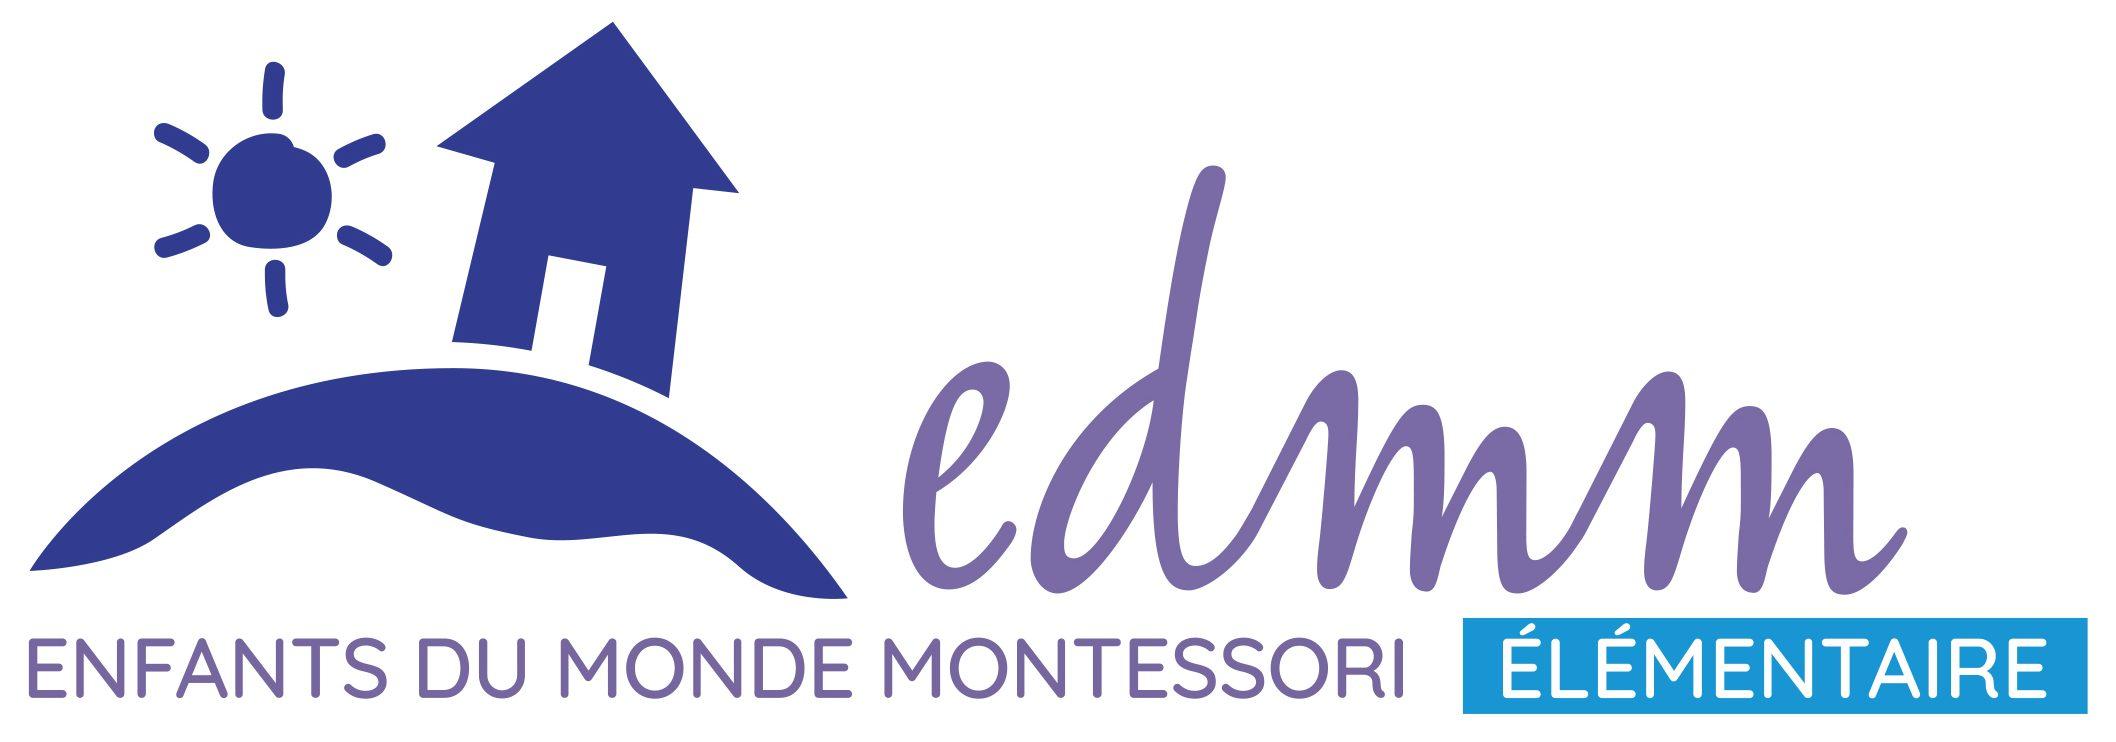 Enfants du Monde Montessori